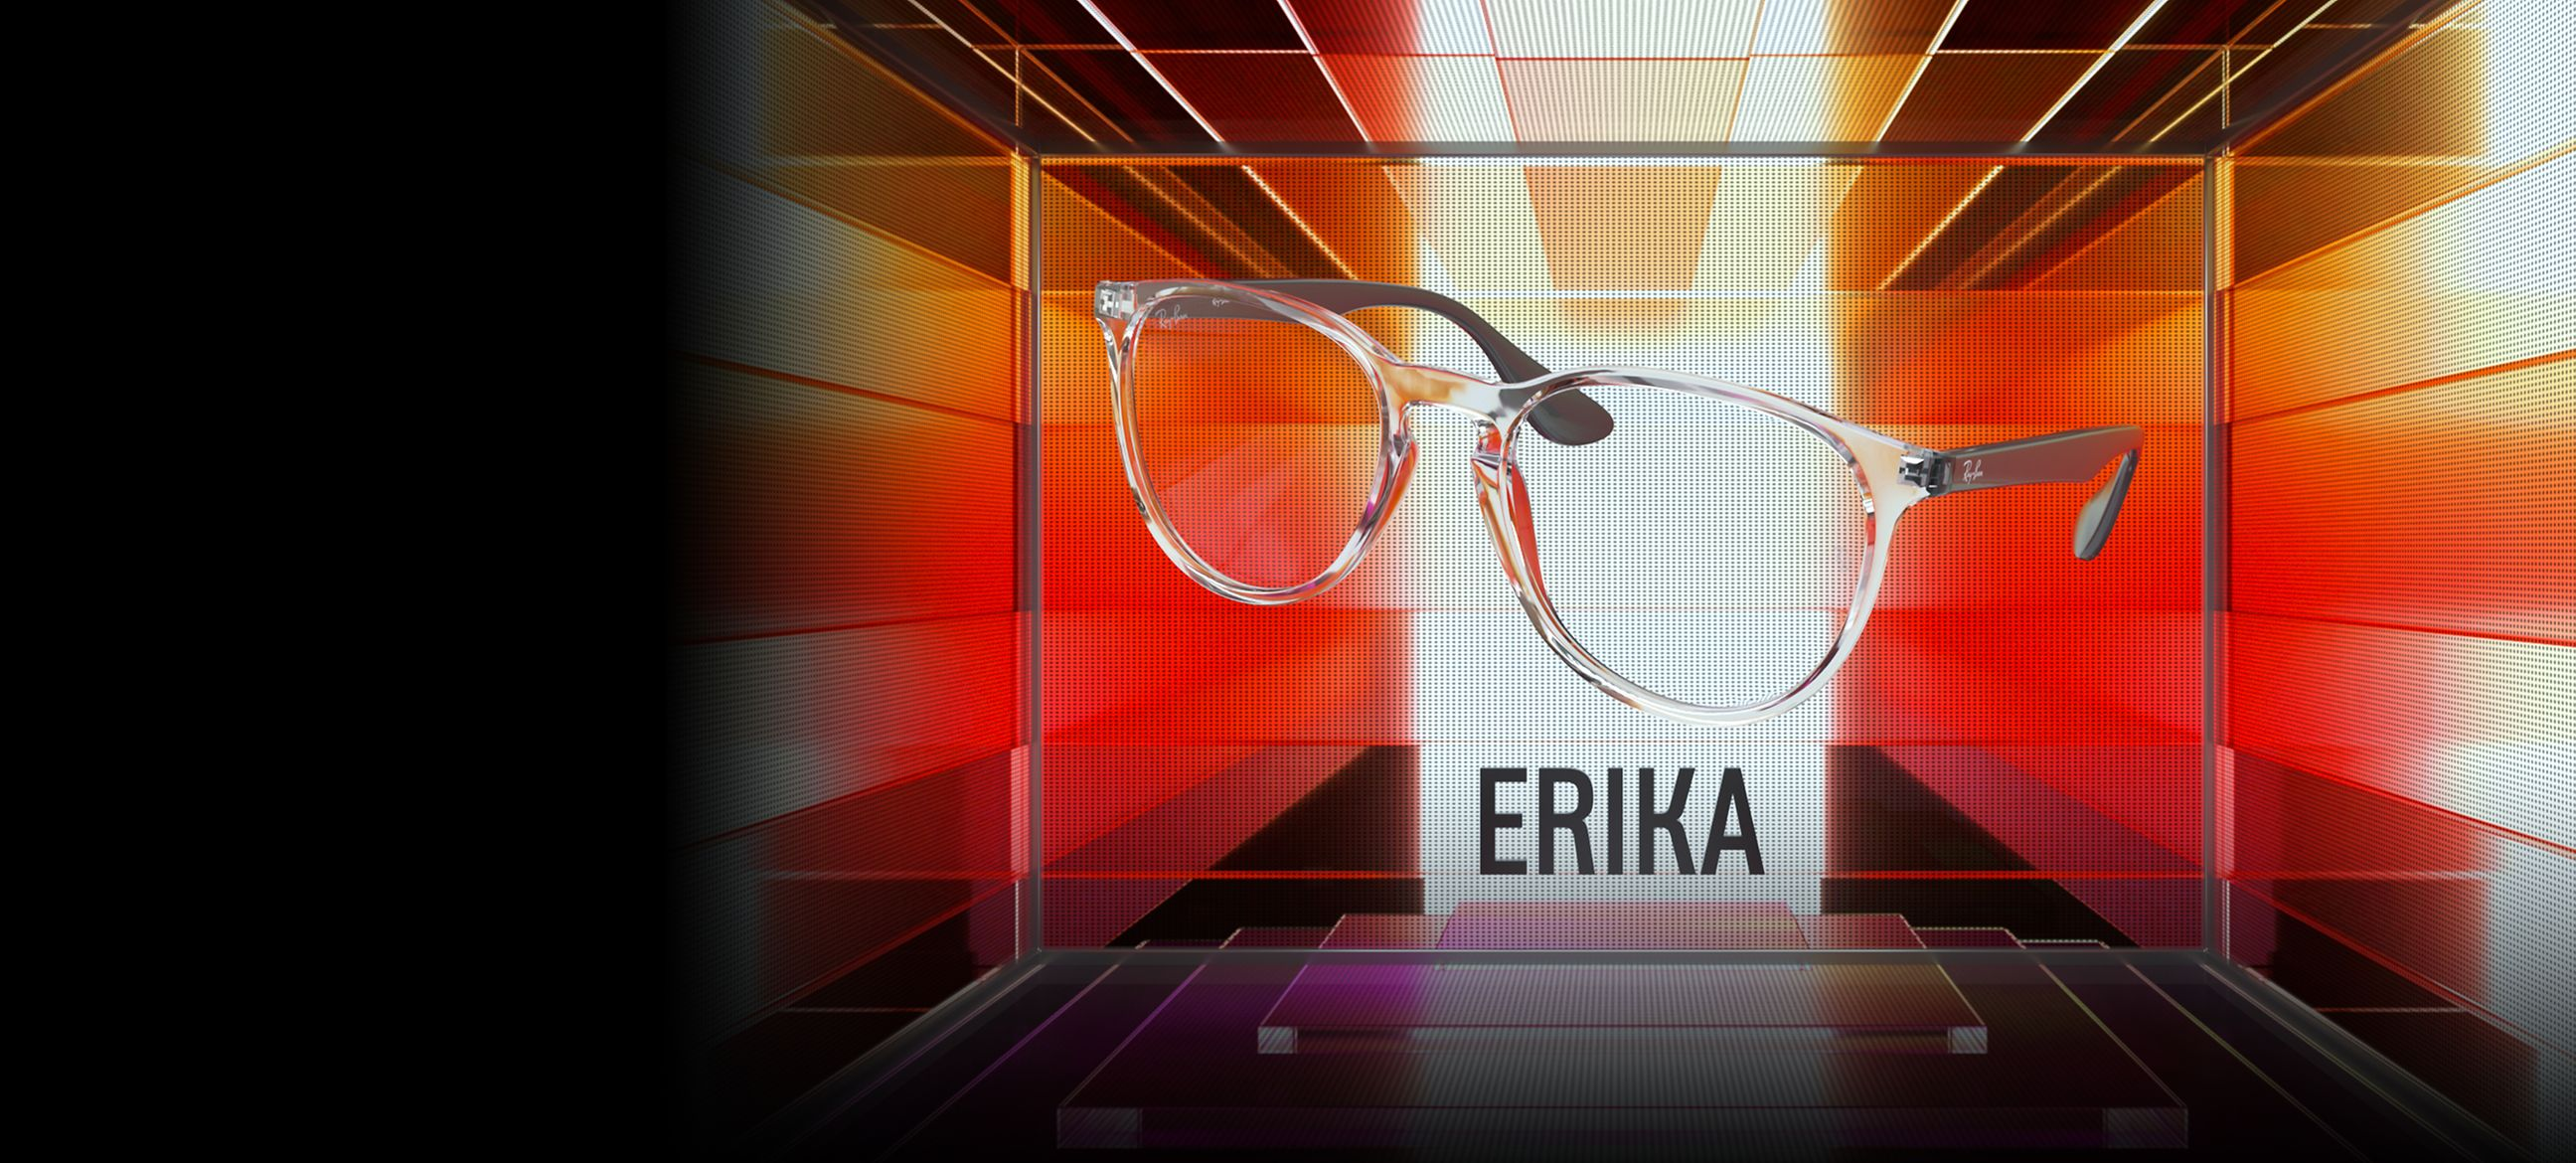 RB-PDPP_Erika_eye